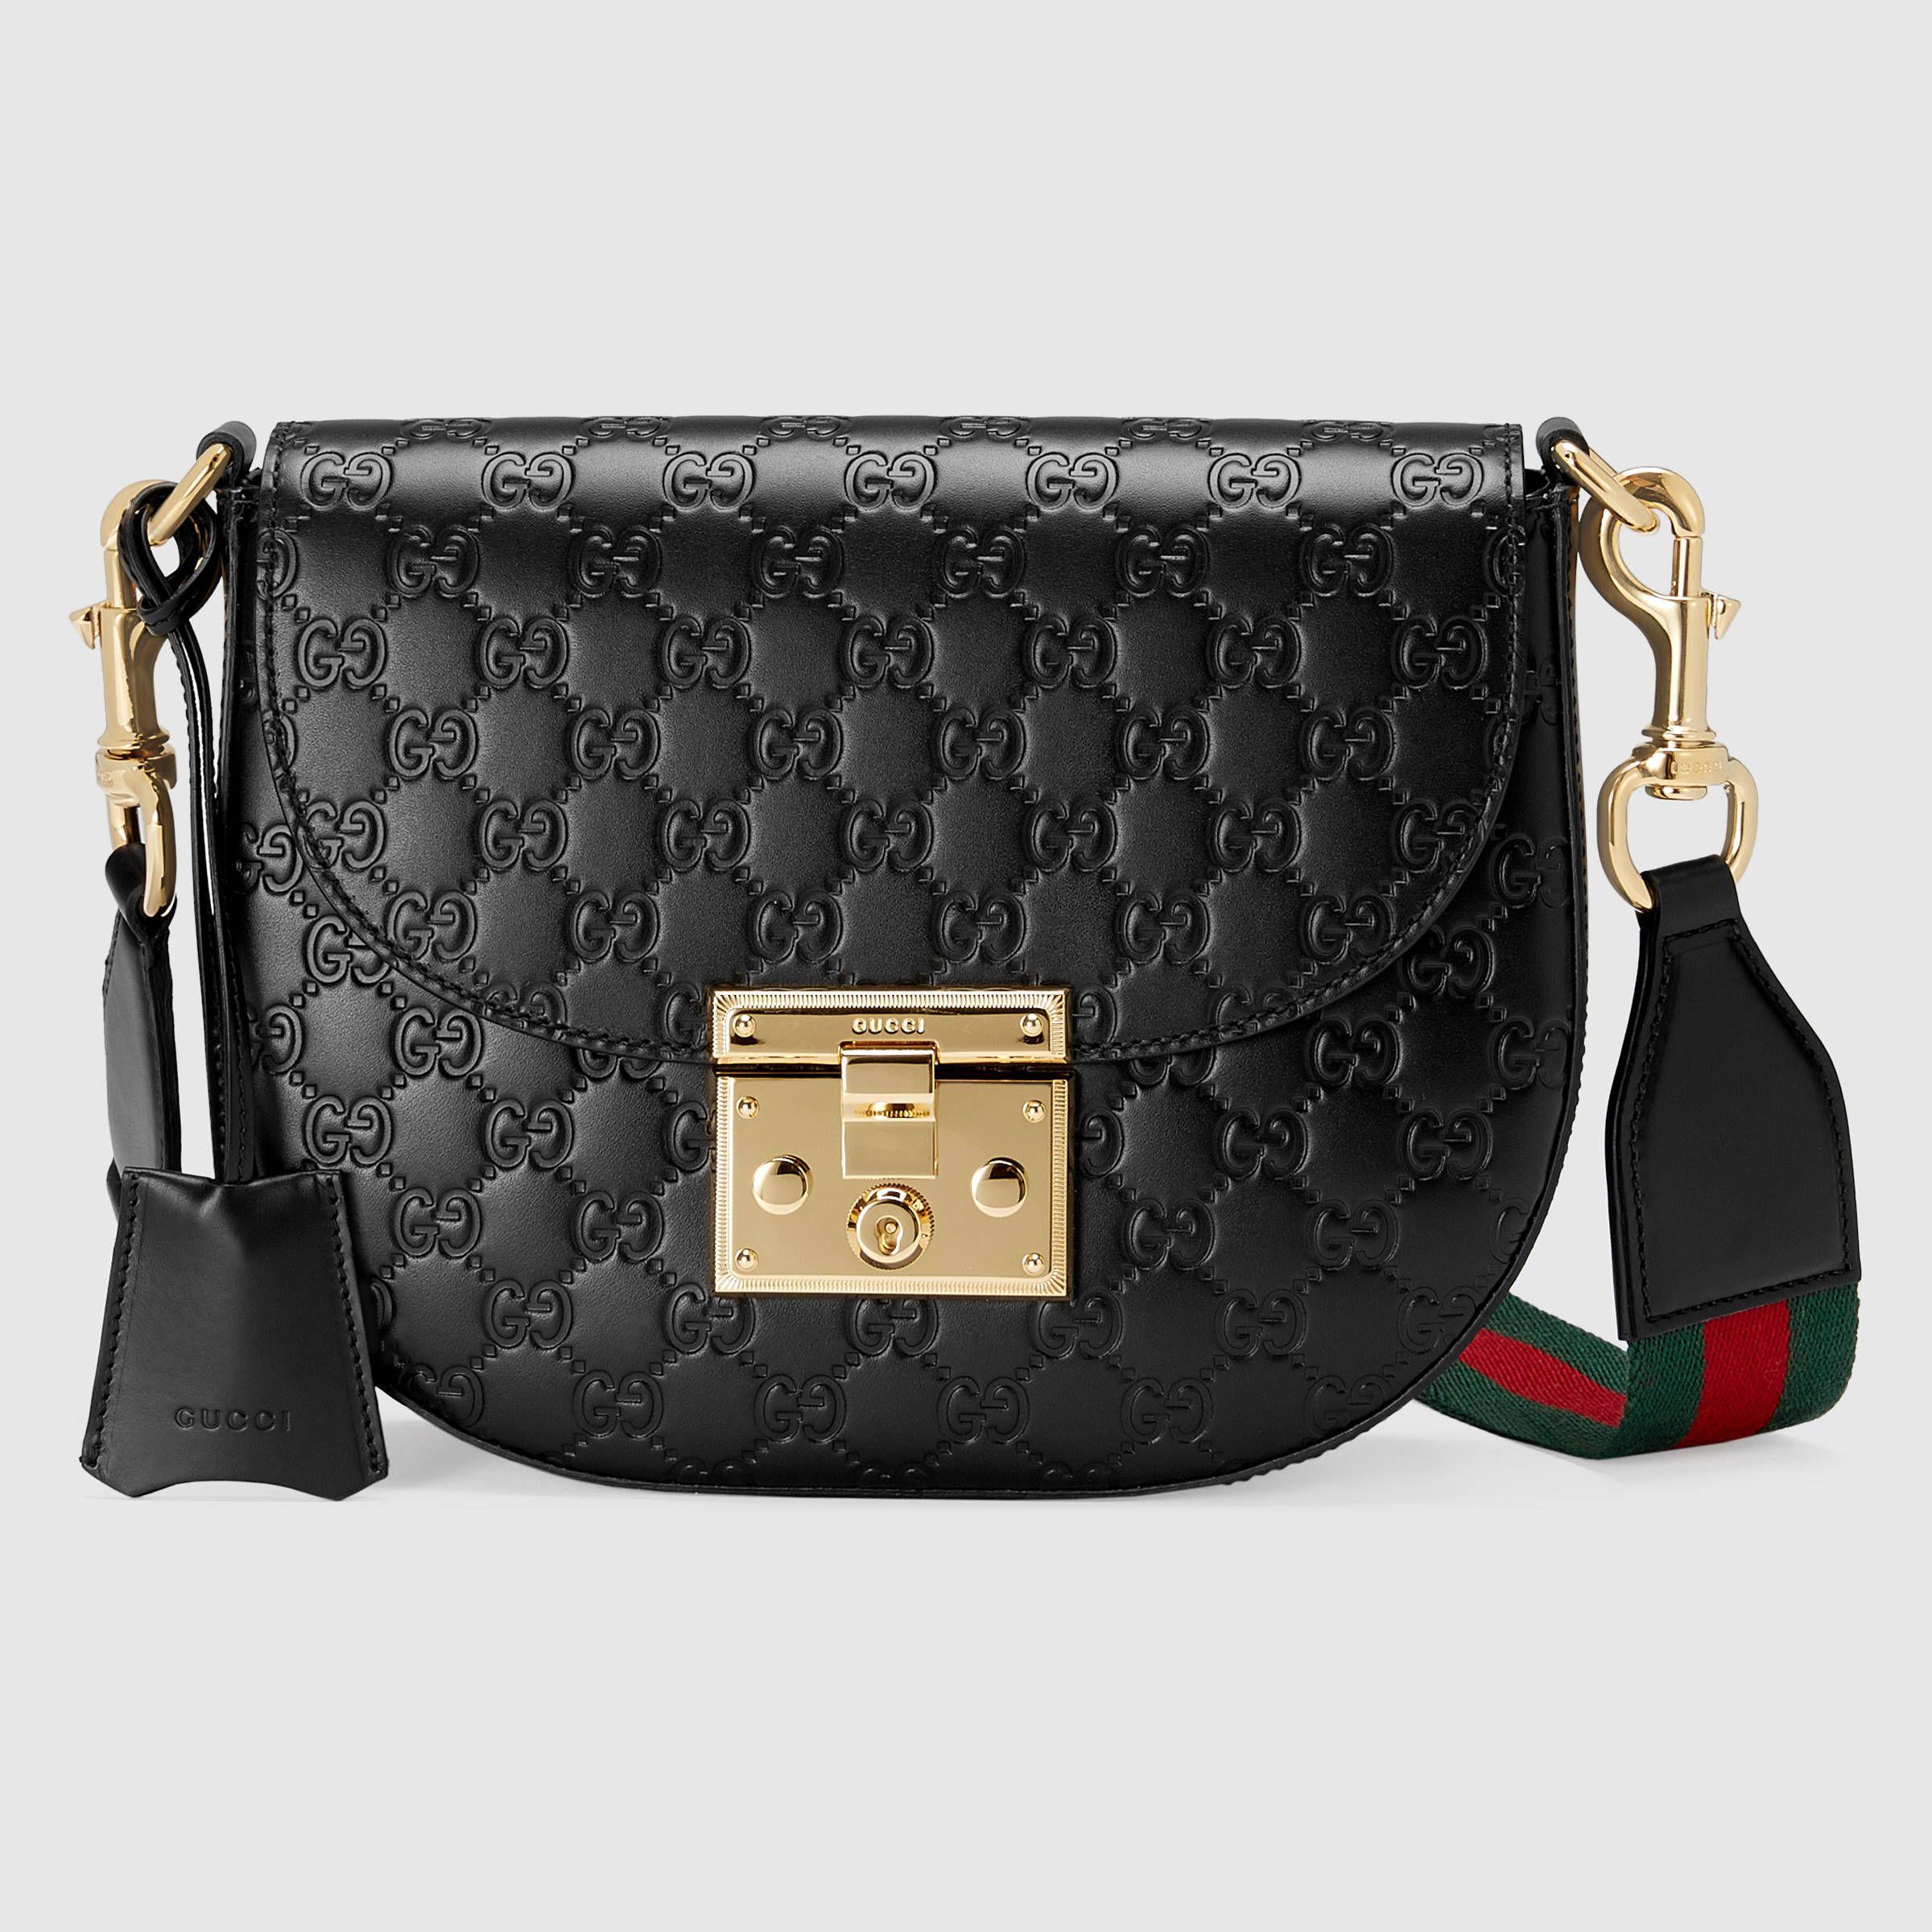 ff9c7ad7fd01 Padlock Gucci Signature leather shoulder bag | Bag Lady | Gucci ...